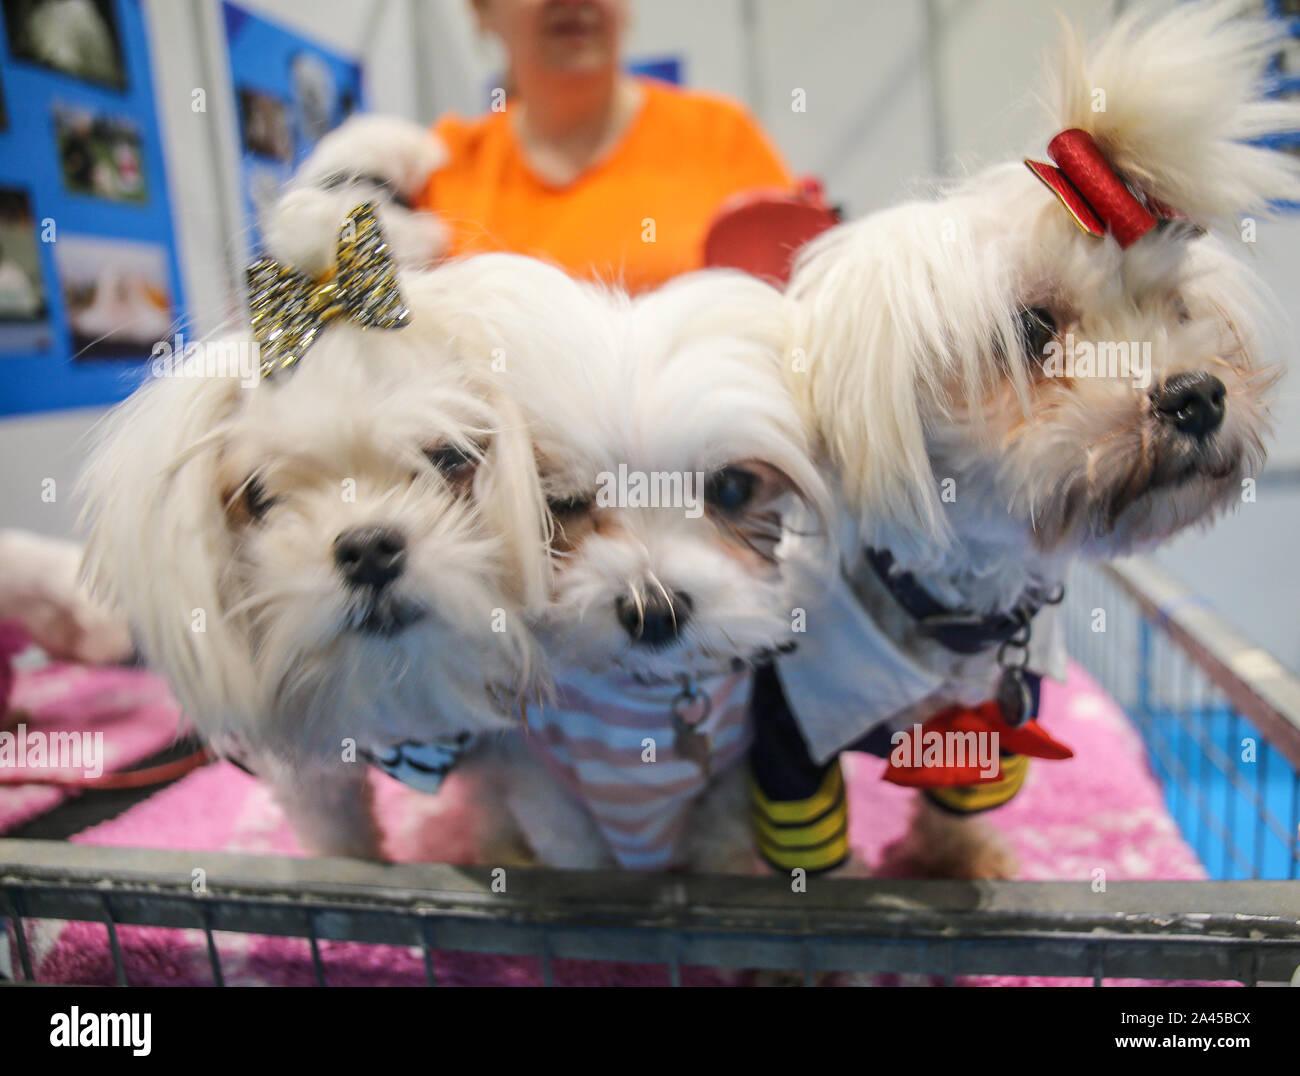 Londres, Royaume-Uni. 12 octobre, 2019. Découvrez les chiens London Excel, avec plus de 200 chiens de races différentes à choisir de, le Kennel Club Show très attendu pour ceux qui sont intéressés à obtenir un chien, est l'occasion idéale de savoir exactement quels chiens est adapté à leurs besoins, ce qui est le plus sympathique de la famille et ceux qui comme une caresse et vous détendre et ceux qui ont besoin d'exercice. Crédit: Paul/Quezada-Neiman Alamy Live News Banque D'Images